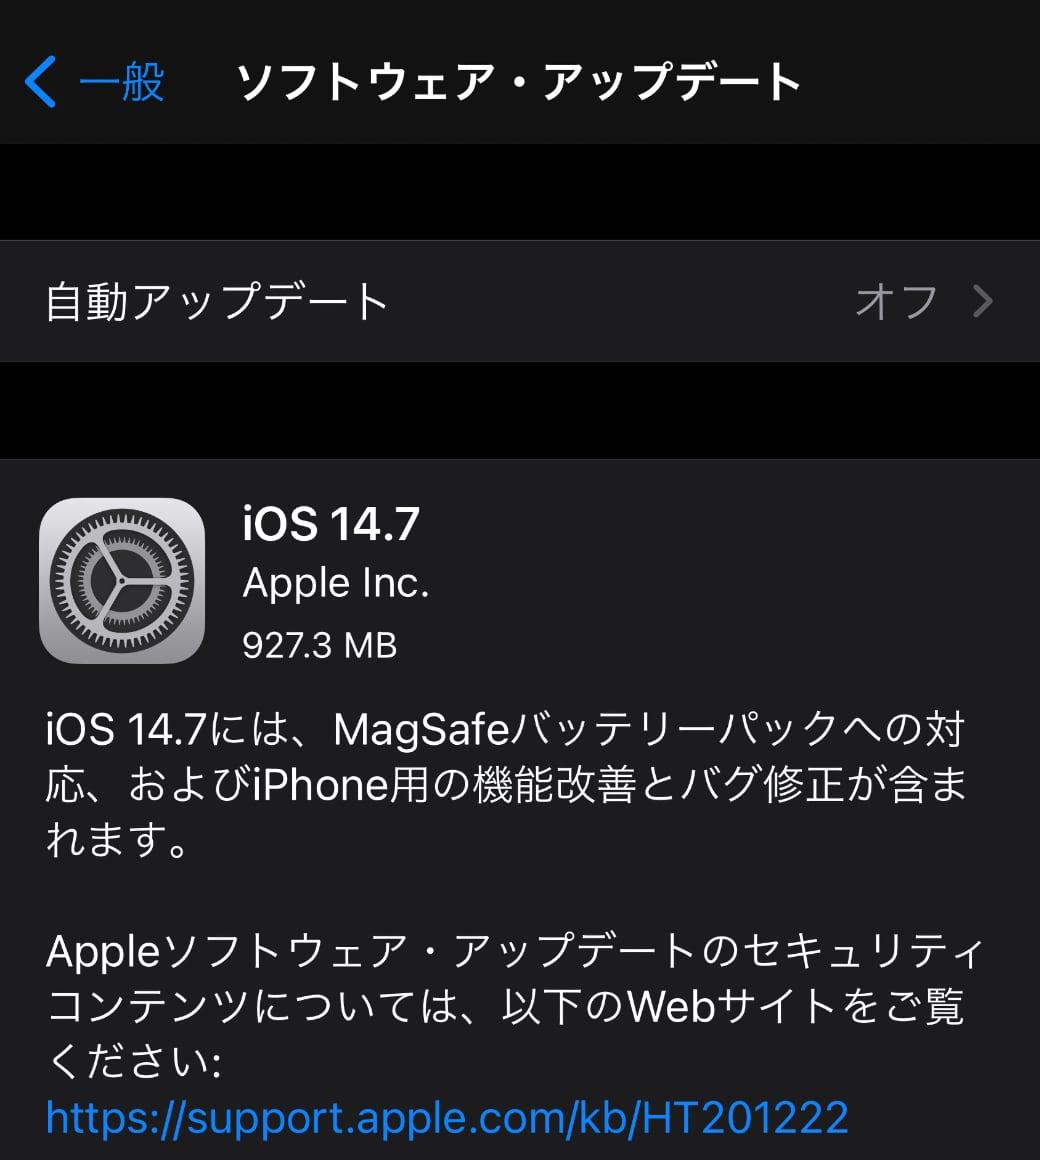 Apple、「iOS 14.7」をリリース ‒ MagSafeバッテリーパック対応、機能改善とバグ修正